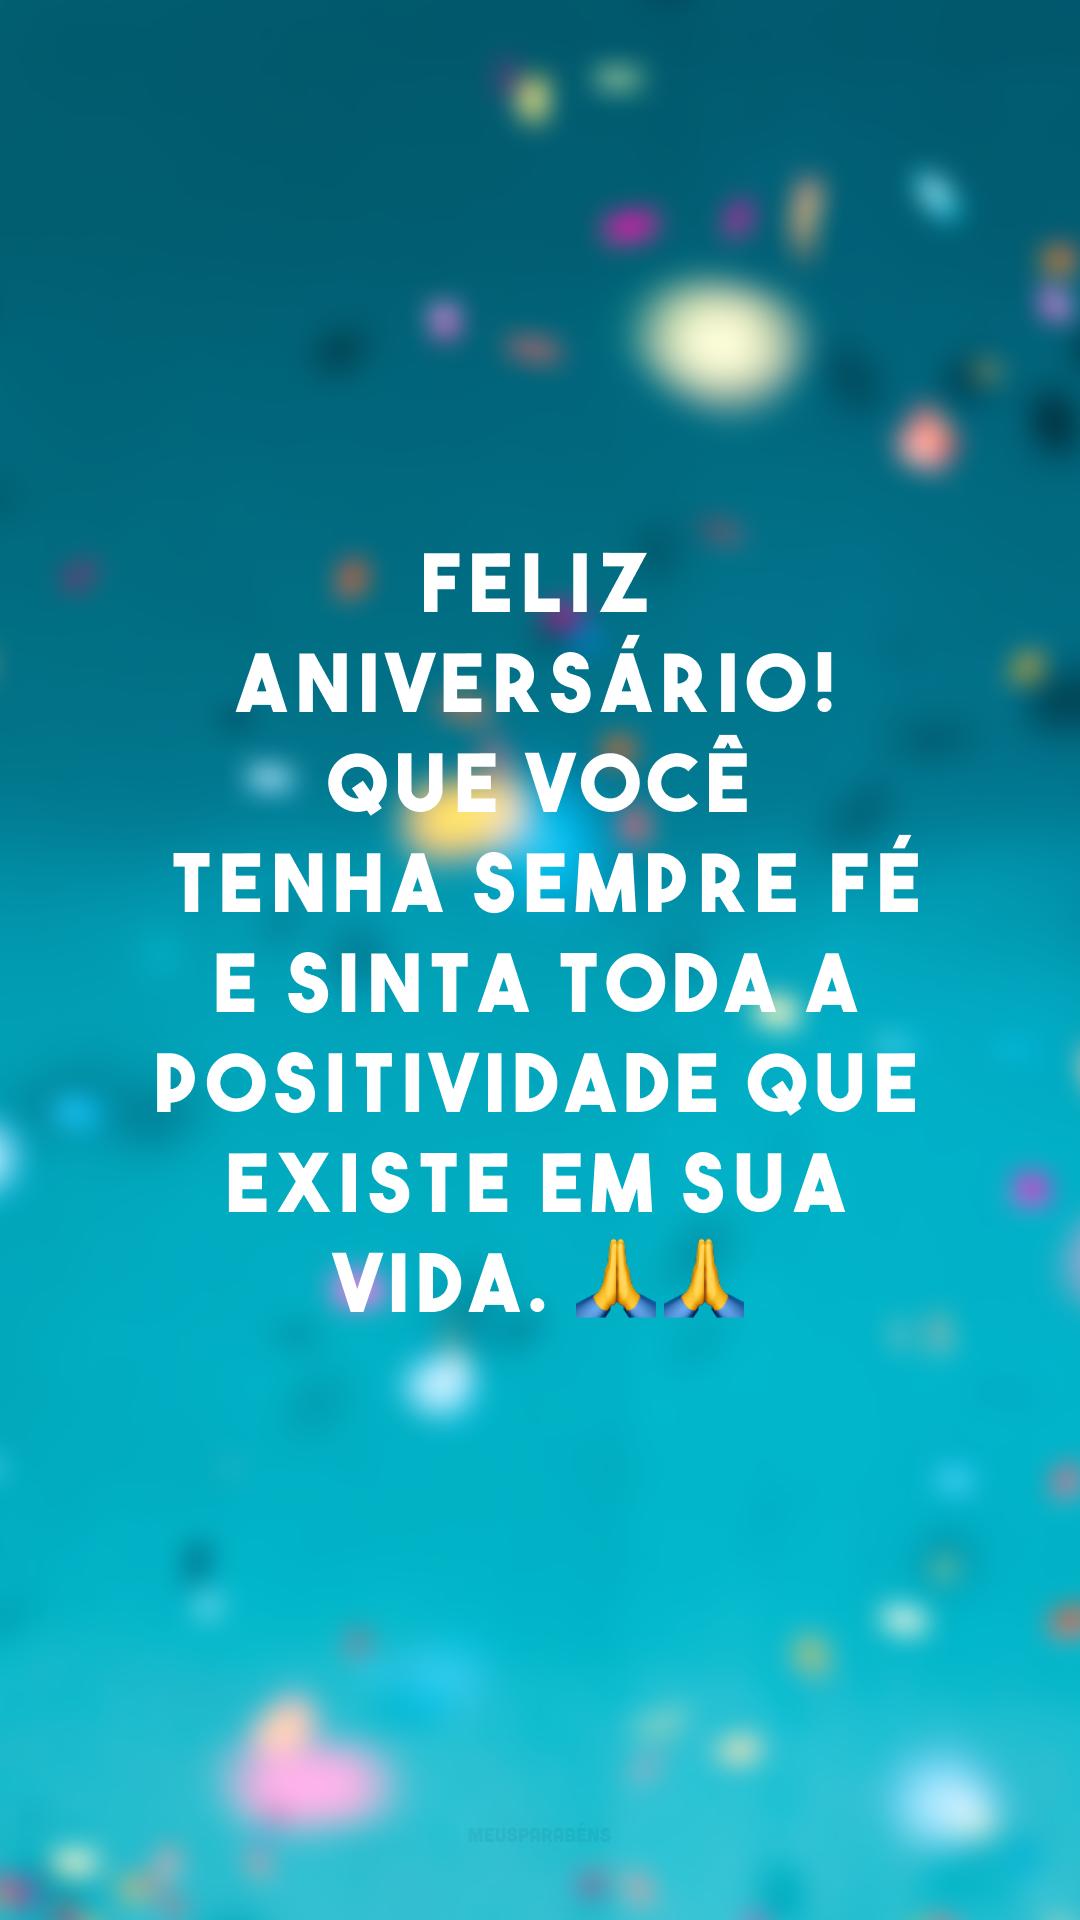 Feliz aniversário! Que você tenha sempre fé e sinta toda a positividade que existe em sua vida. 🙏🙏